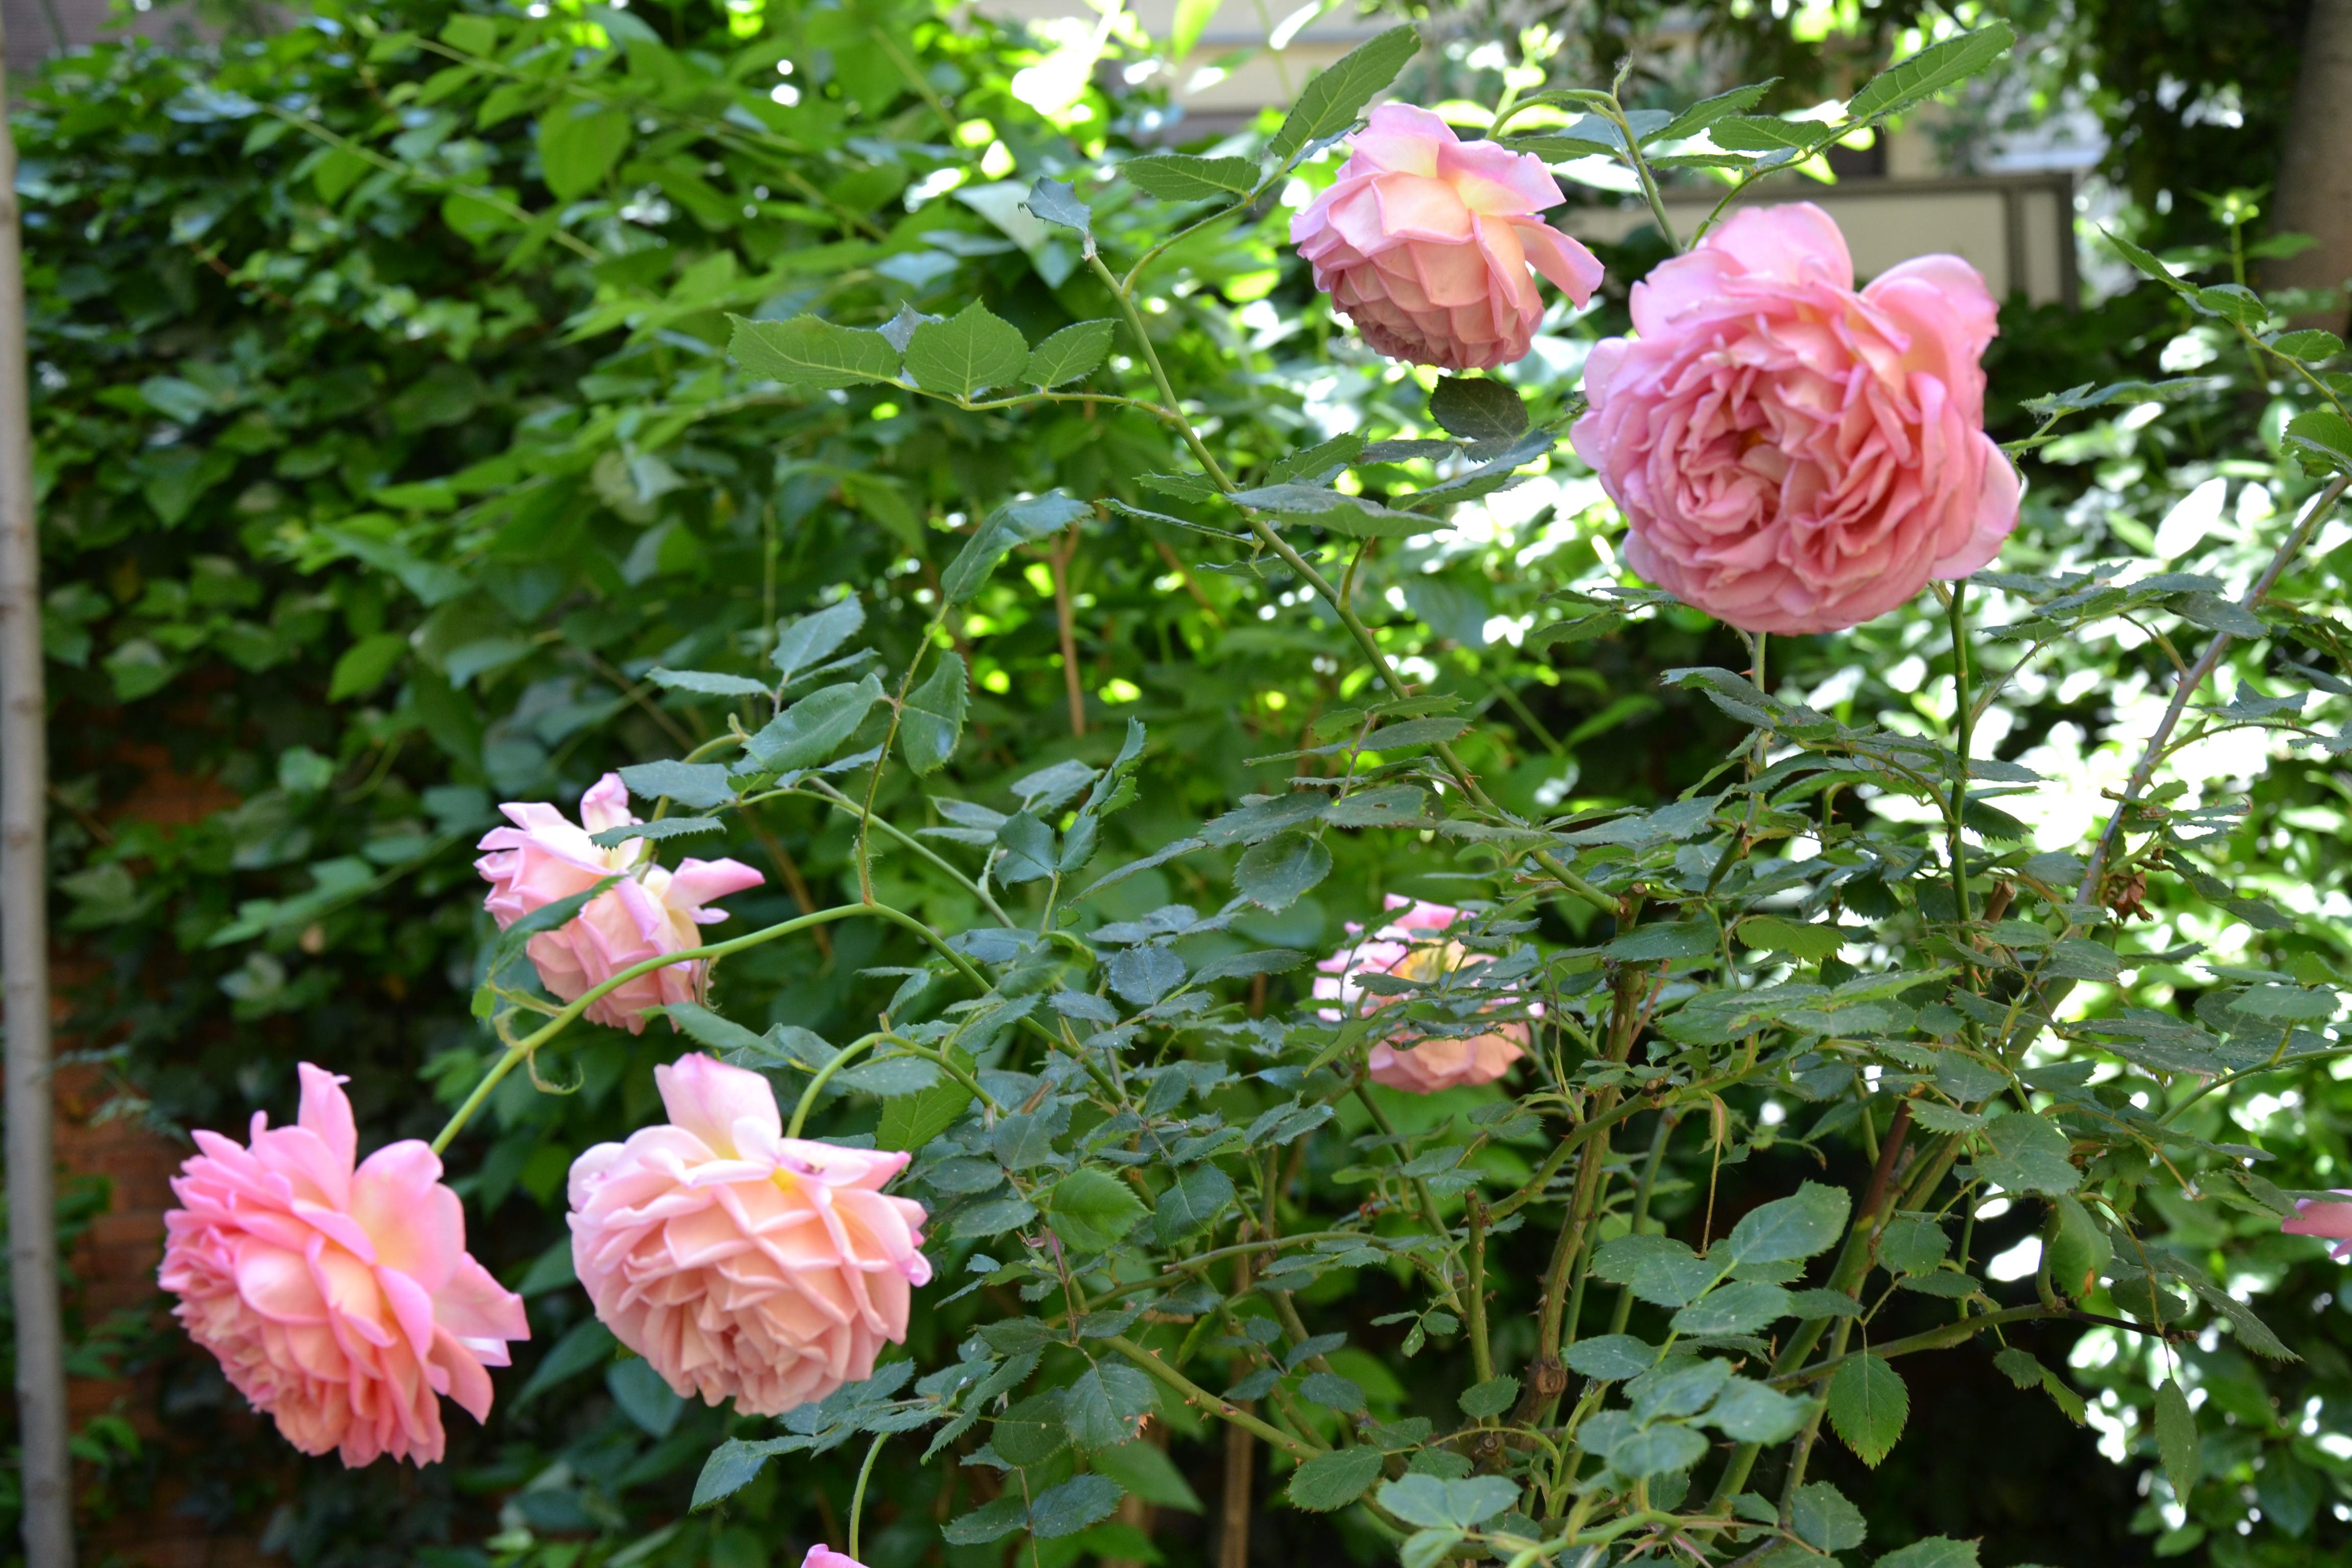 En el jardín de Sorolla >> De flor en flor >> Blogs EL PAÍS